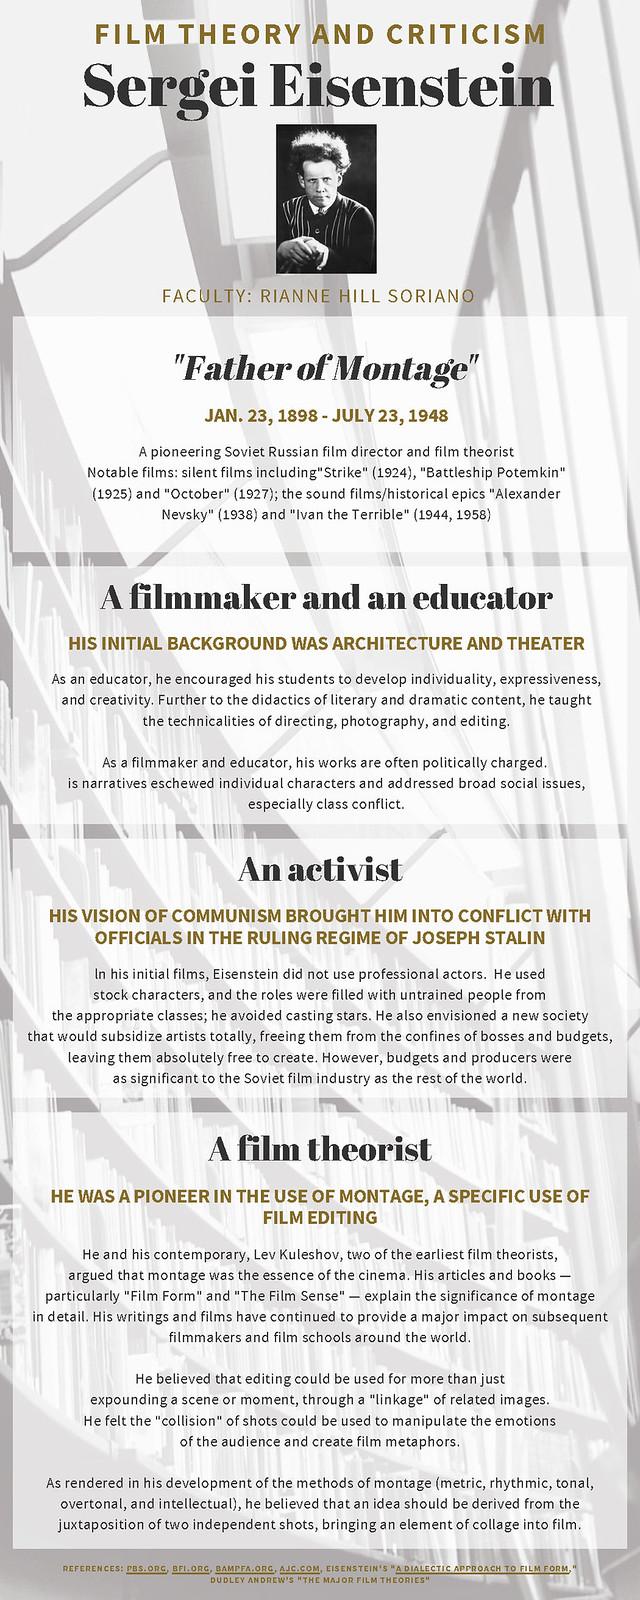 Film Theorists Sergei Eisenstein